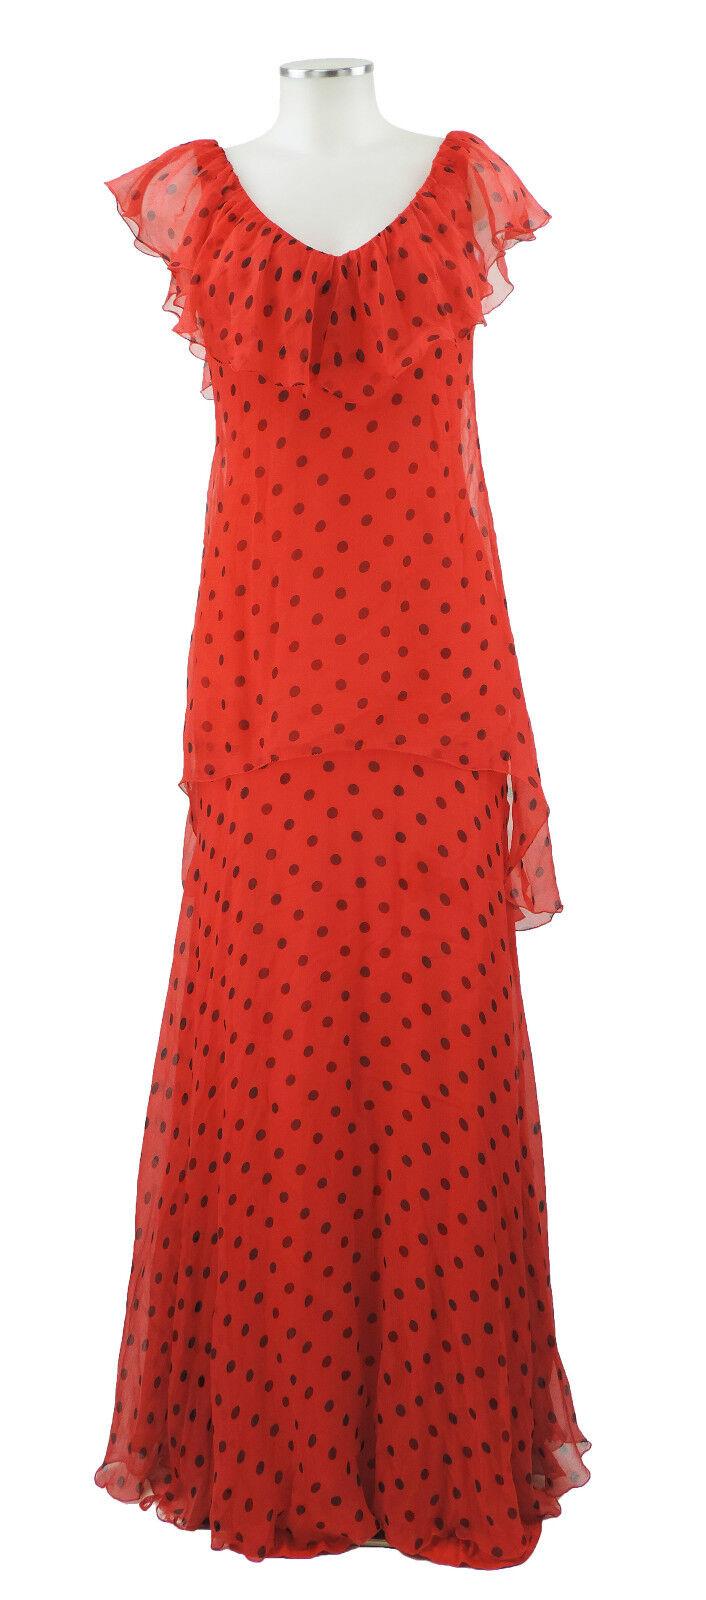 Ann Marks Paris Ballkleid rot schwarz 36 38 Seide Abendkleid Kleid evening dress